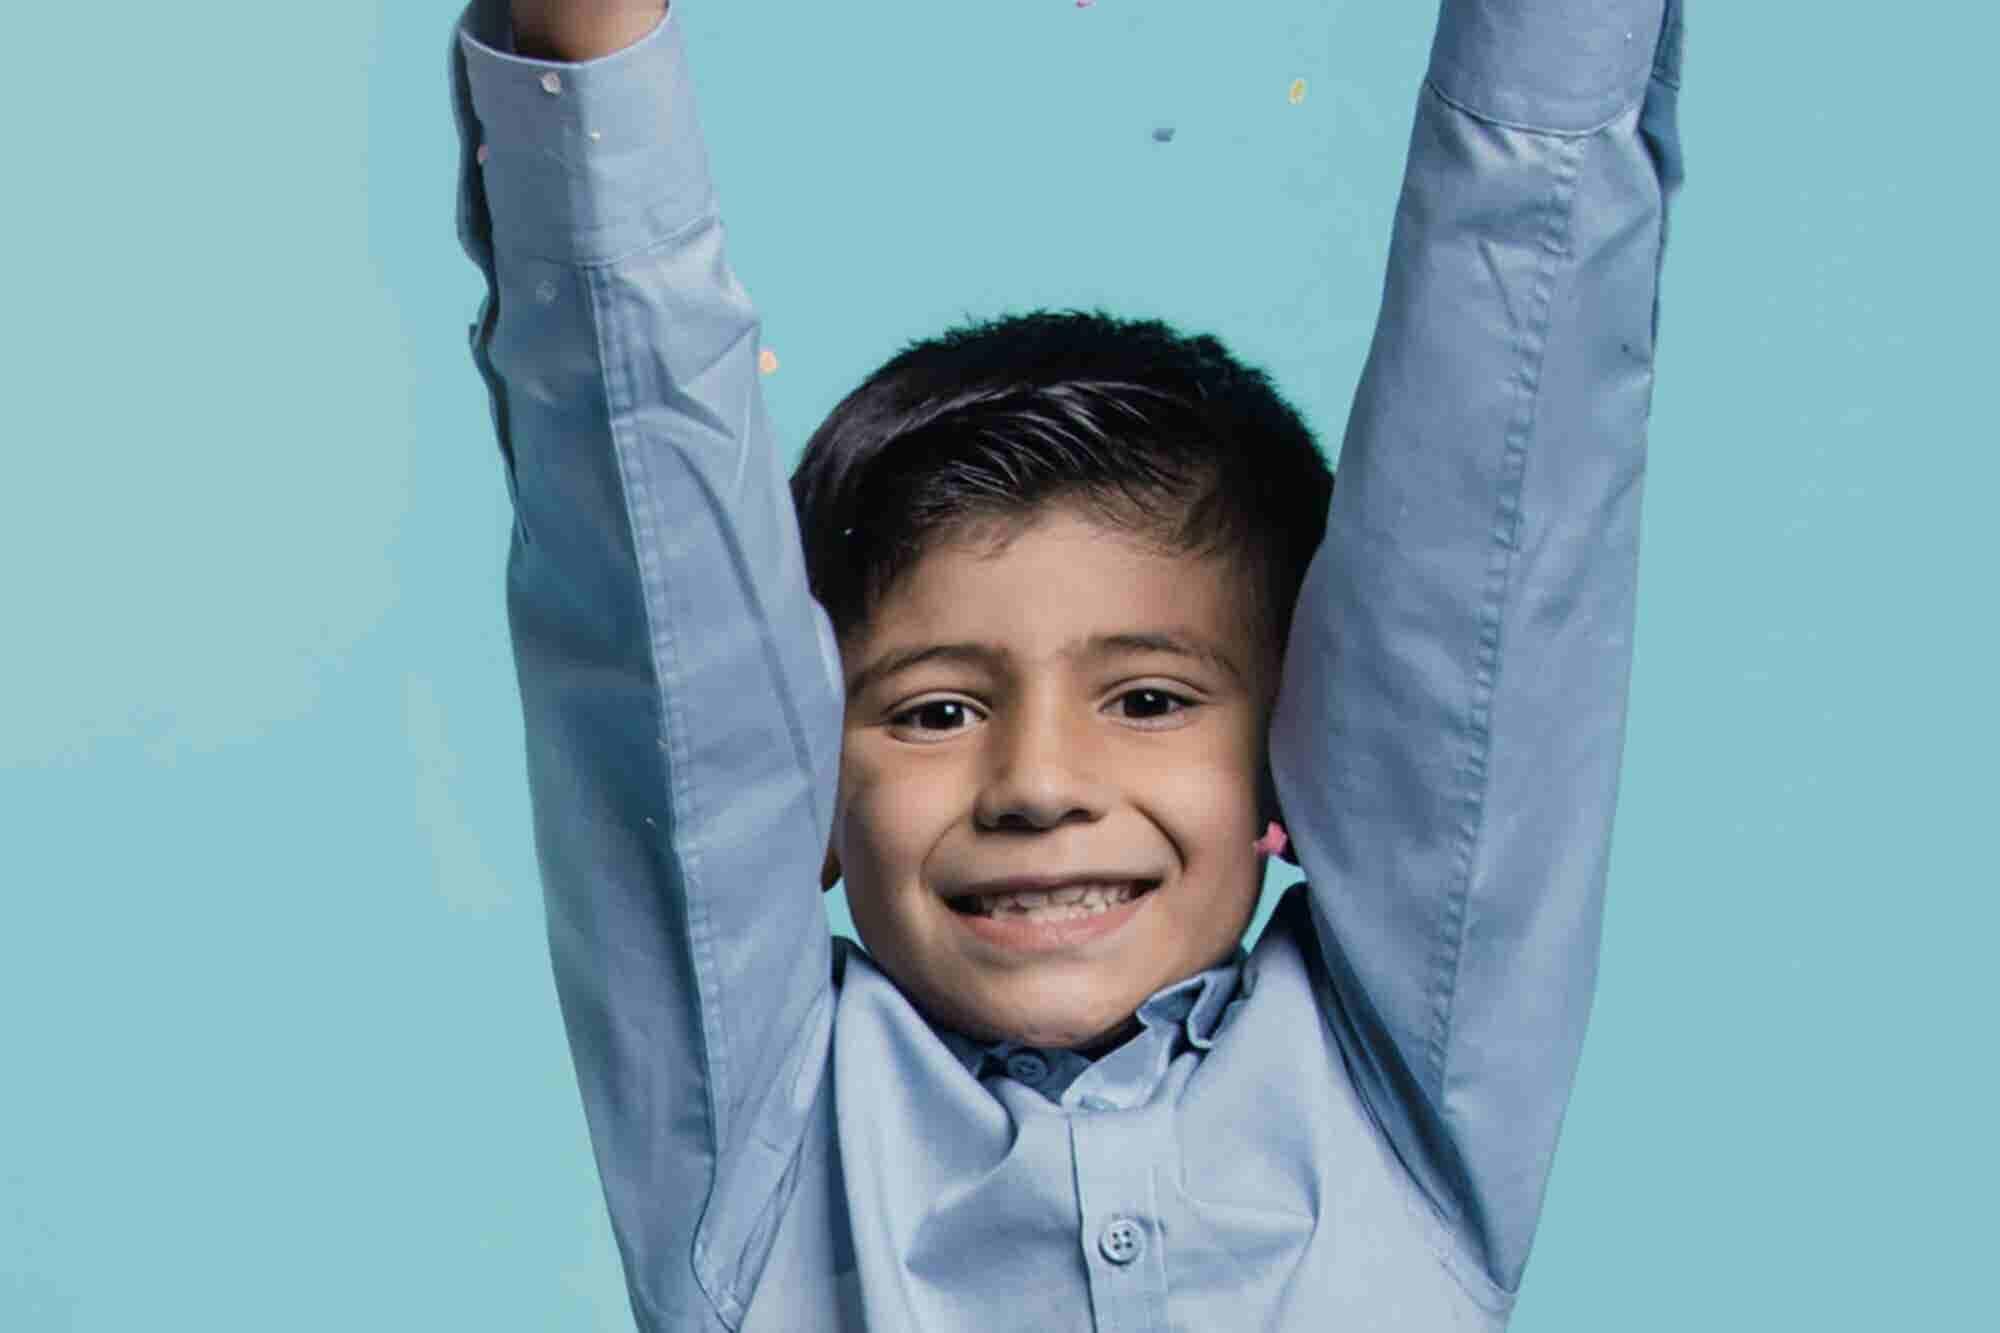 Este niño apenas tiene 7 años, pero ya encontró una oportunidad de negocio